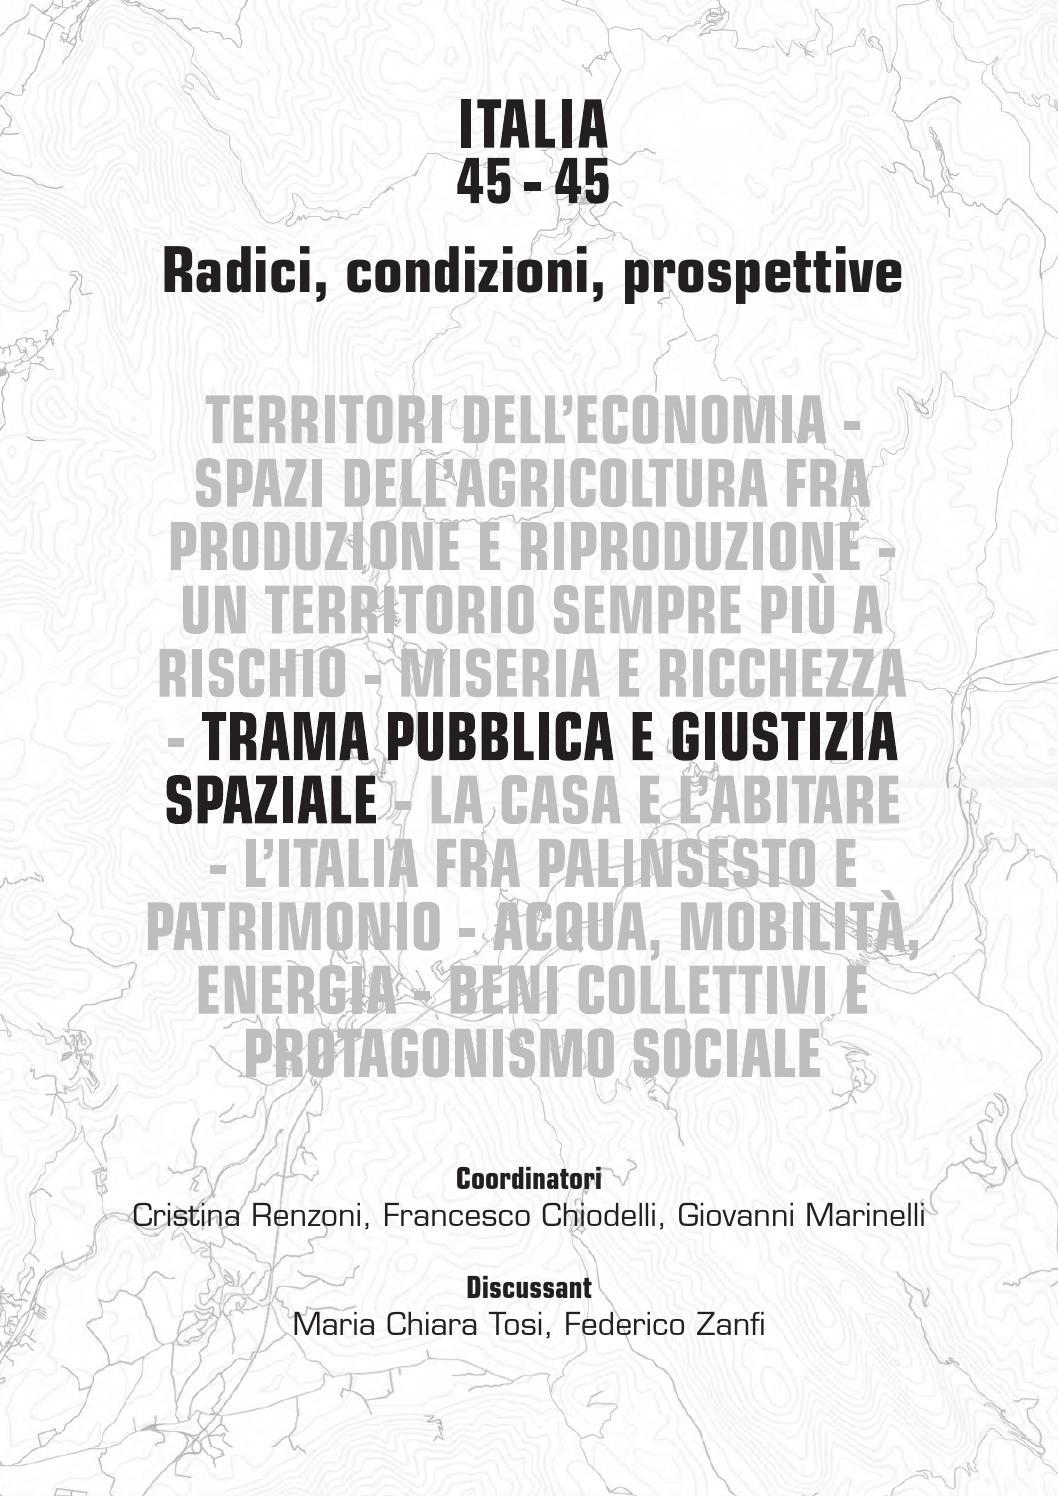 Atti Della XVIII Conferenza Nazionale SIU Italia 45 45